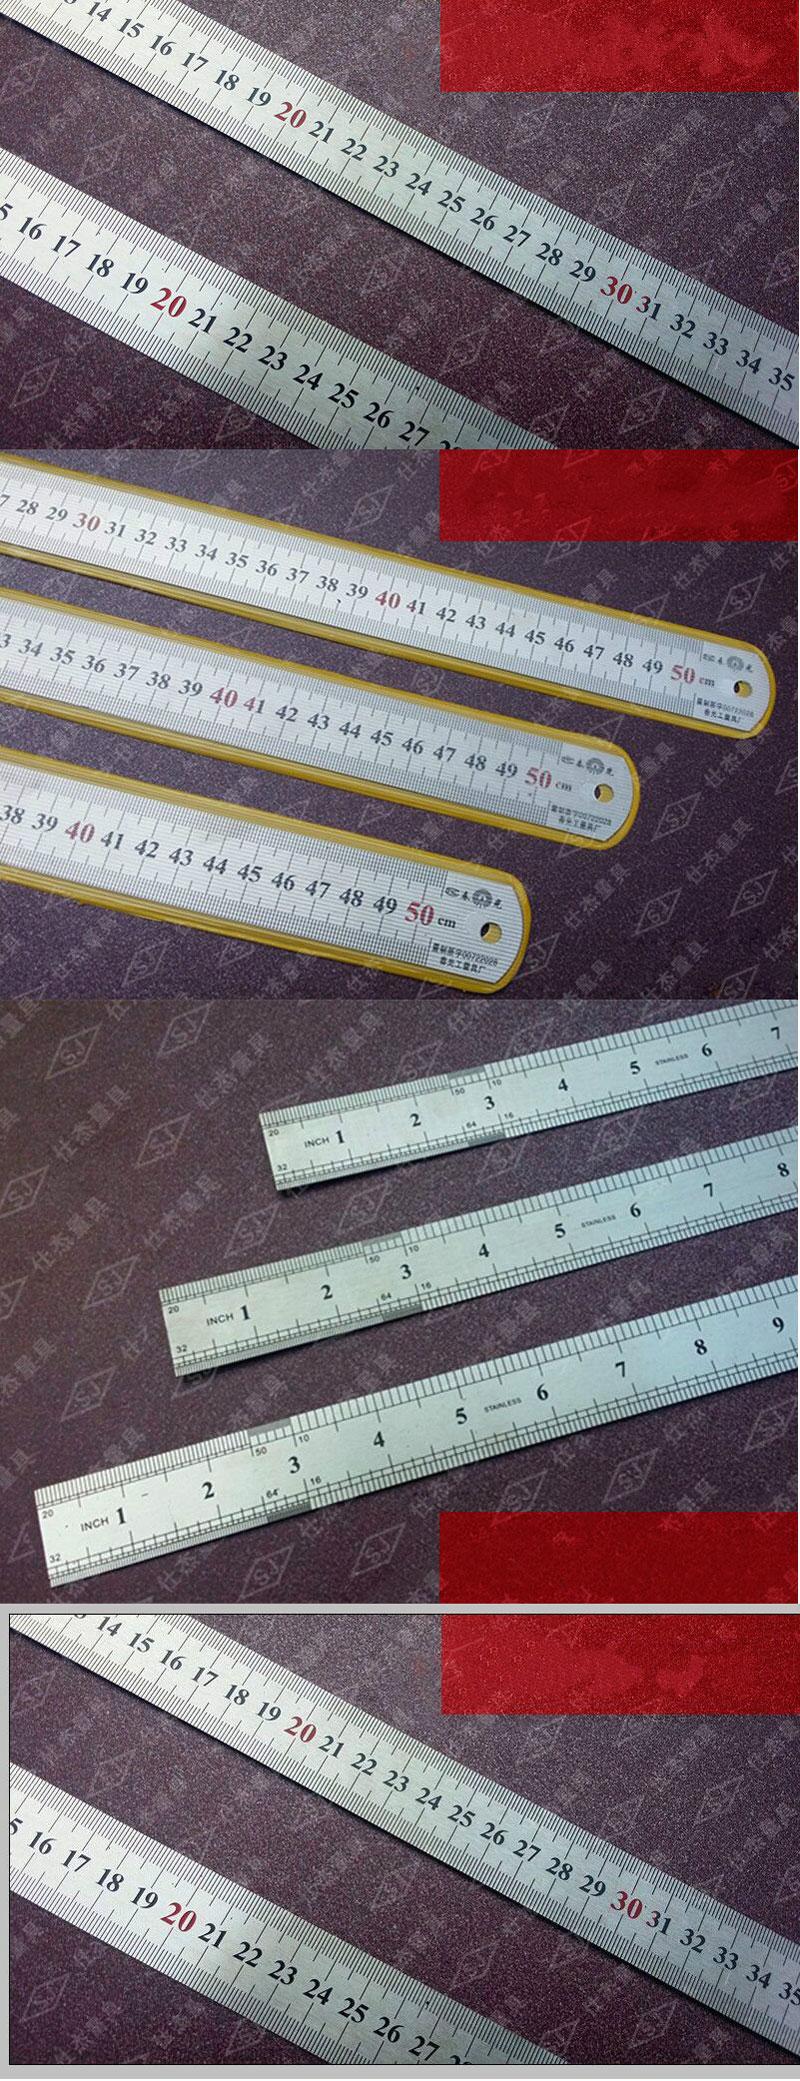 曙光测量用品 绘图钢直尺钢尺直尺 15CM钢直尺 不锈钢材